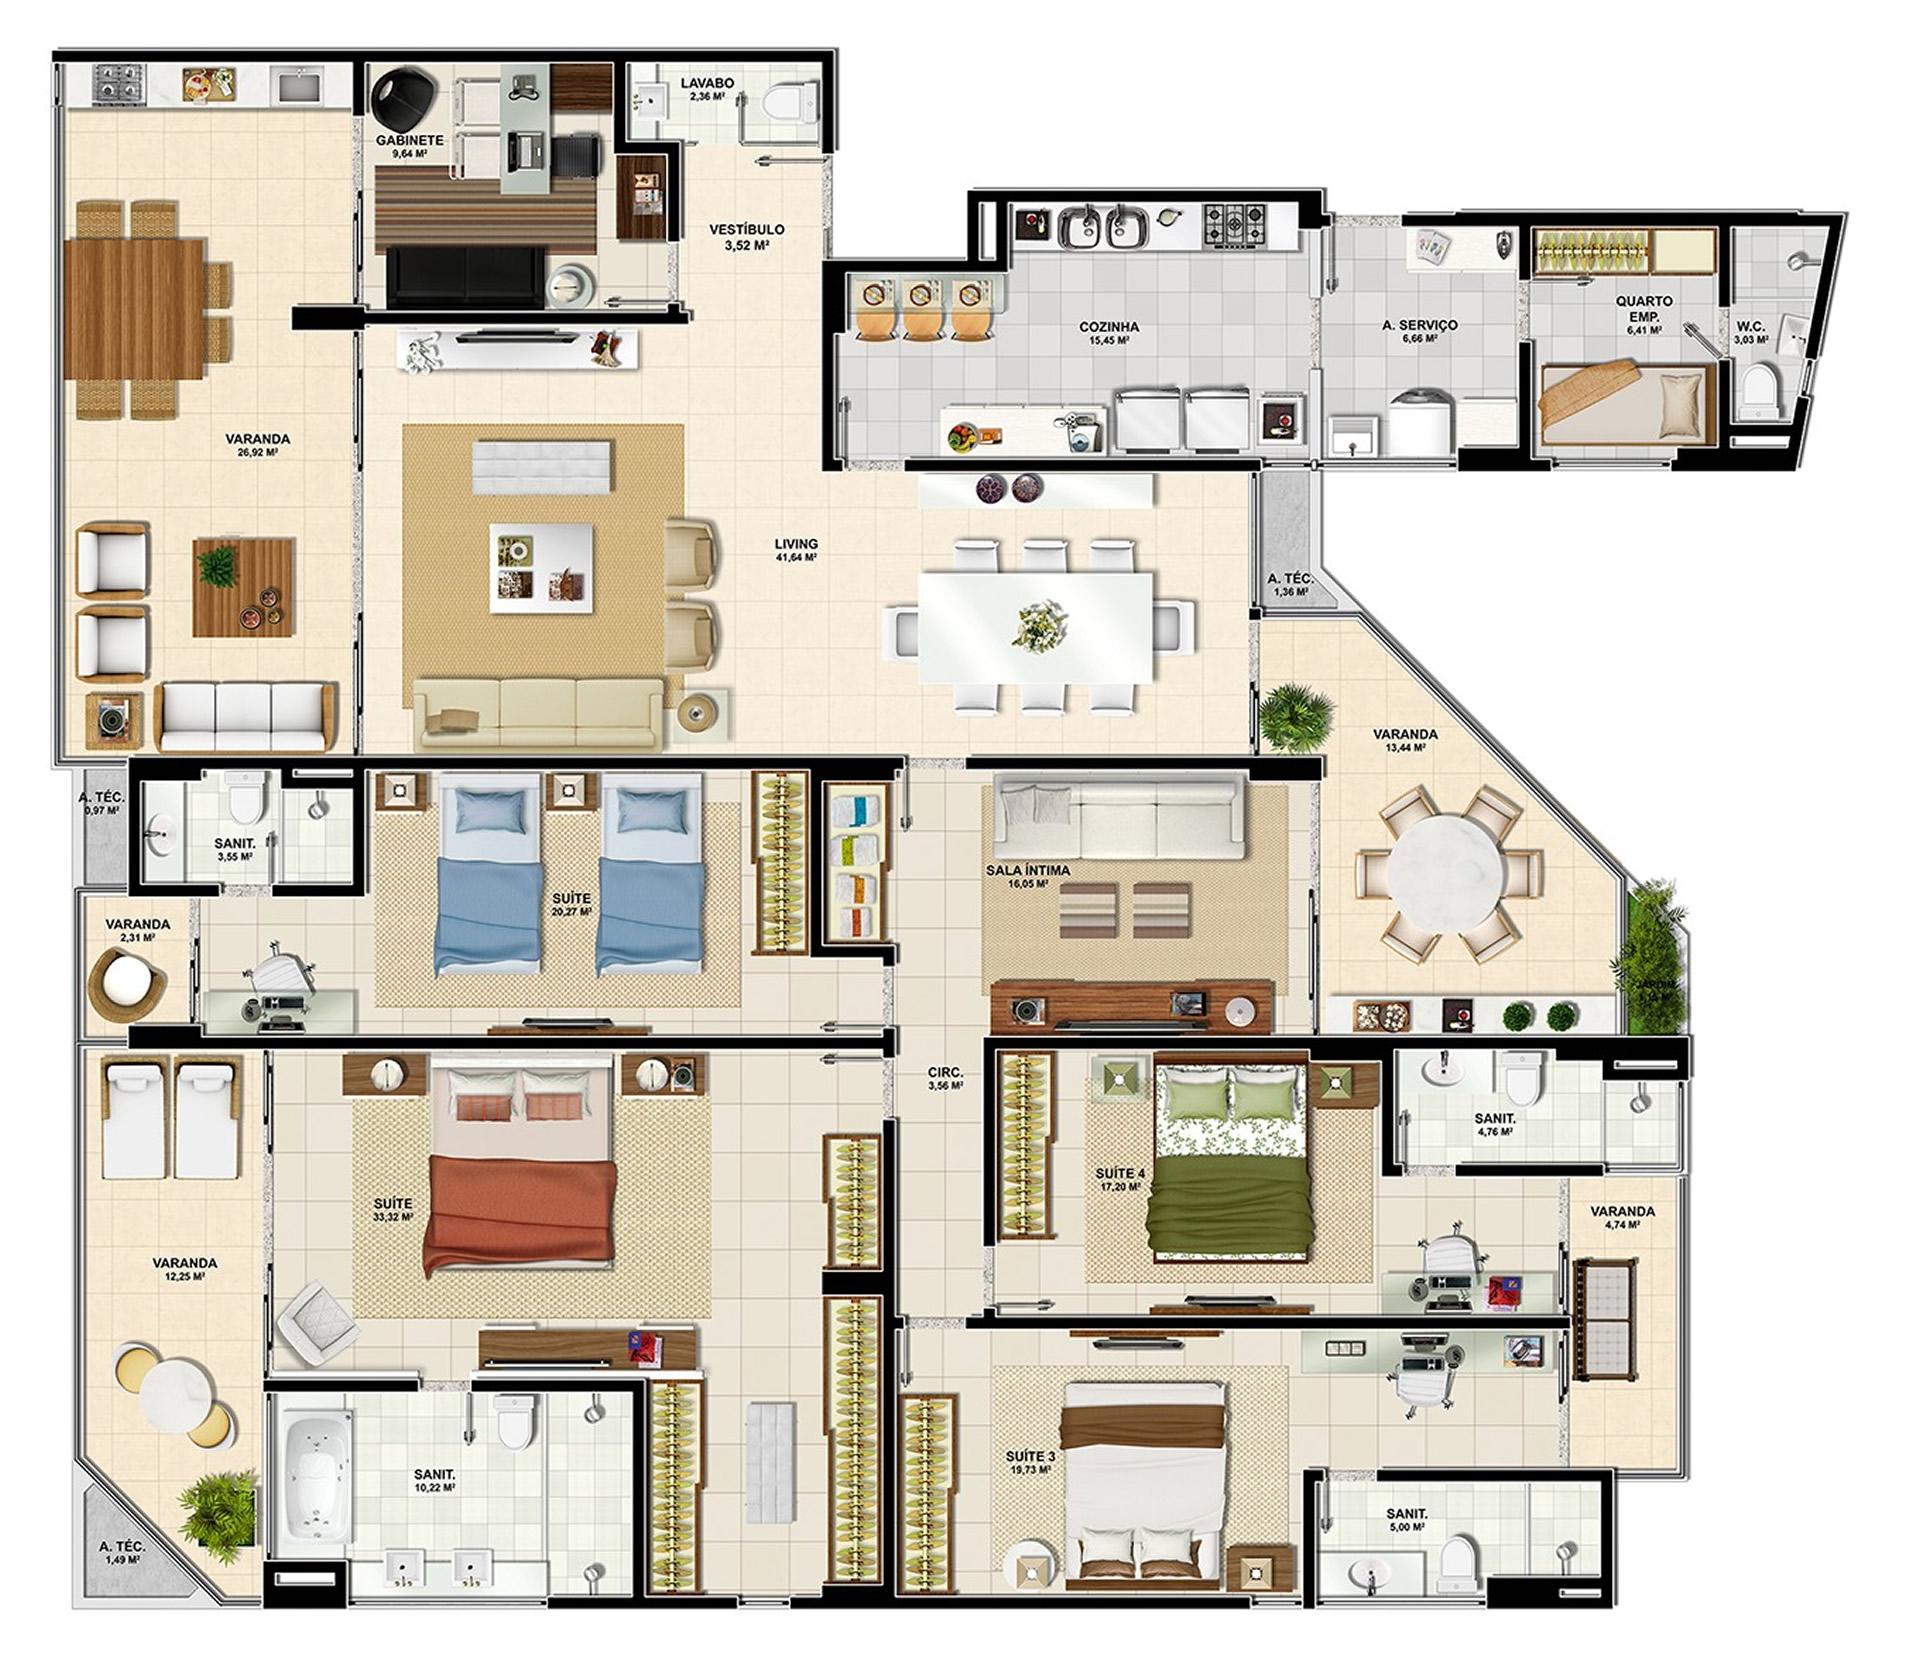 planta-com-casa-com-5-quartos